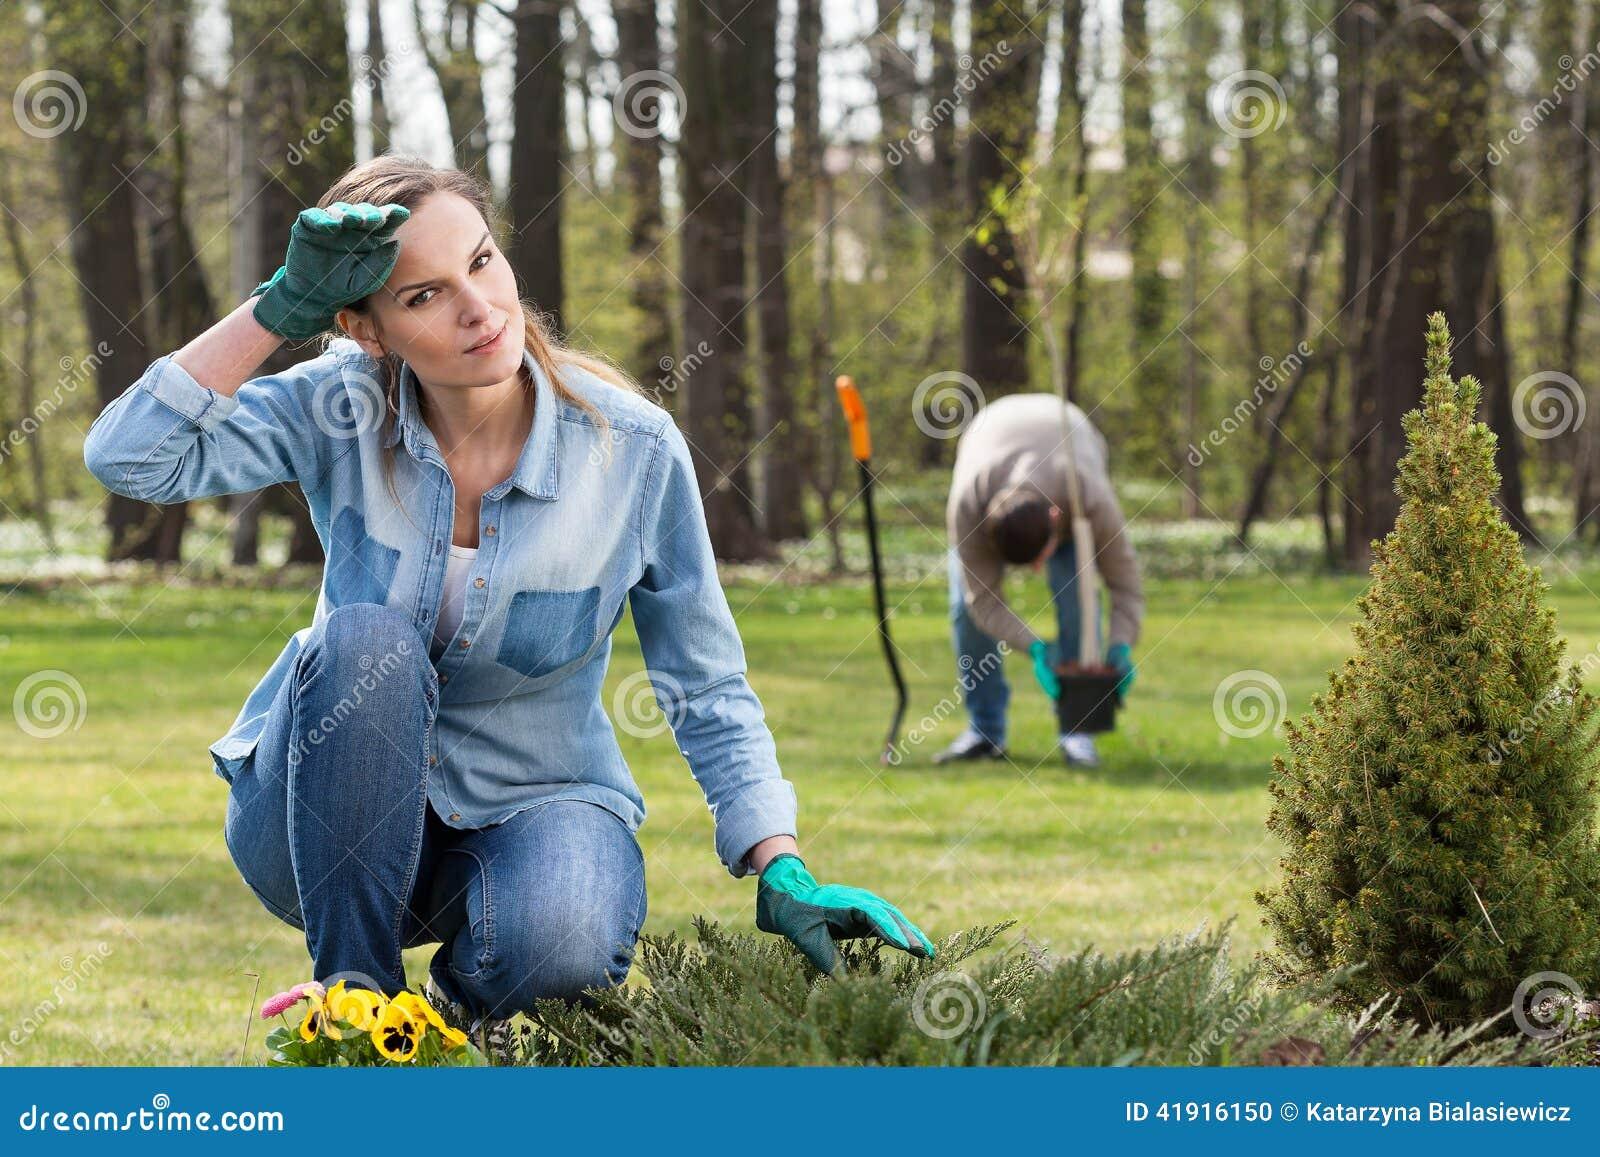 Trabajo de agotamiento en jardín